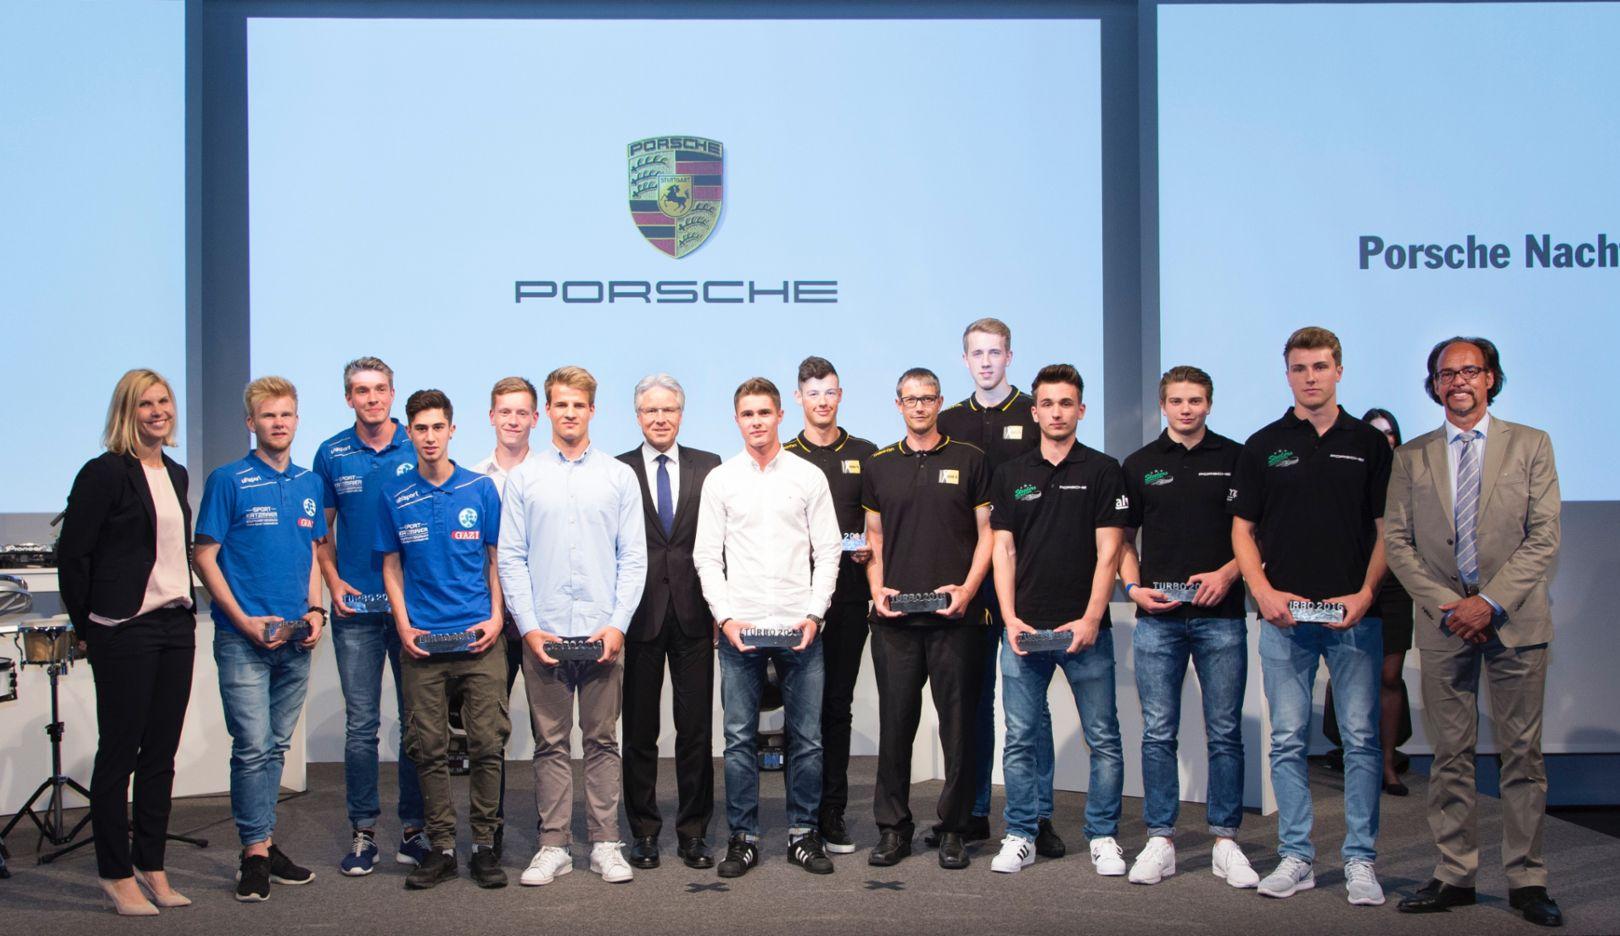 Alle Preisträger mit den Laudatoren, Porsche Nacht der Talente, Zuffenhausen, 2016, Porsche AG